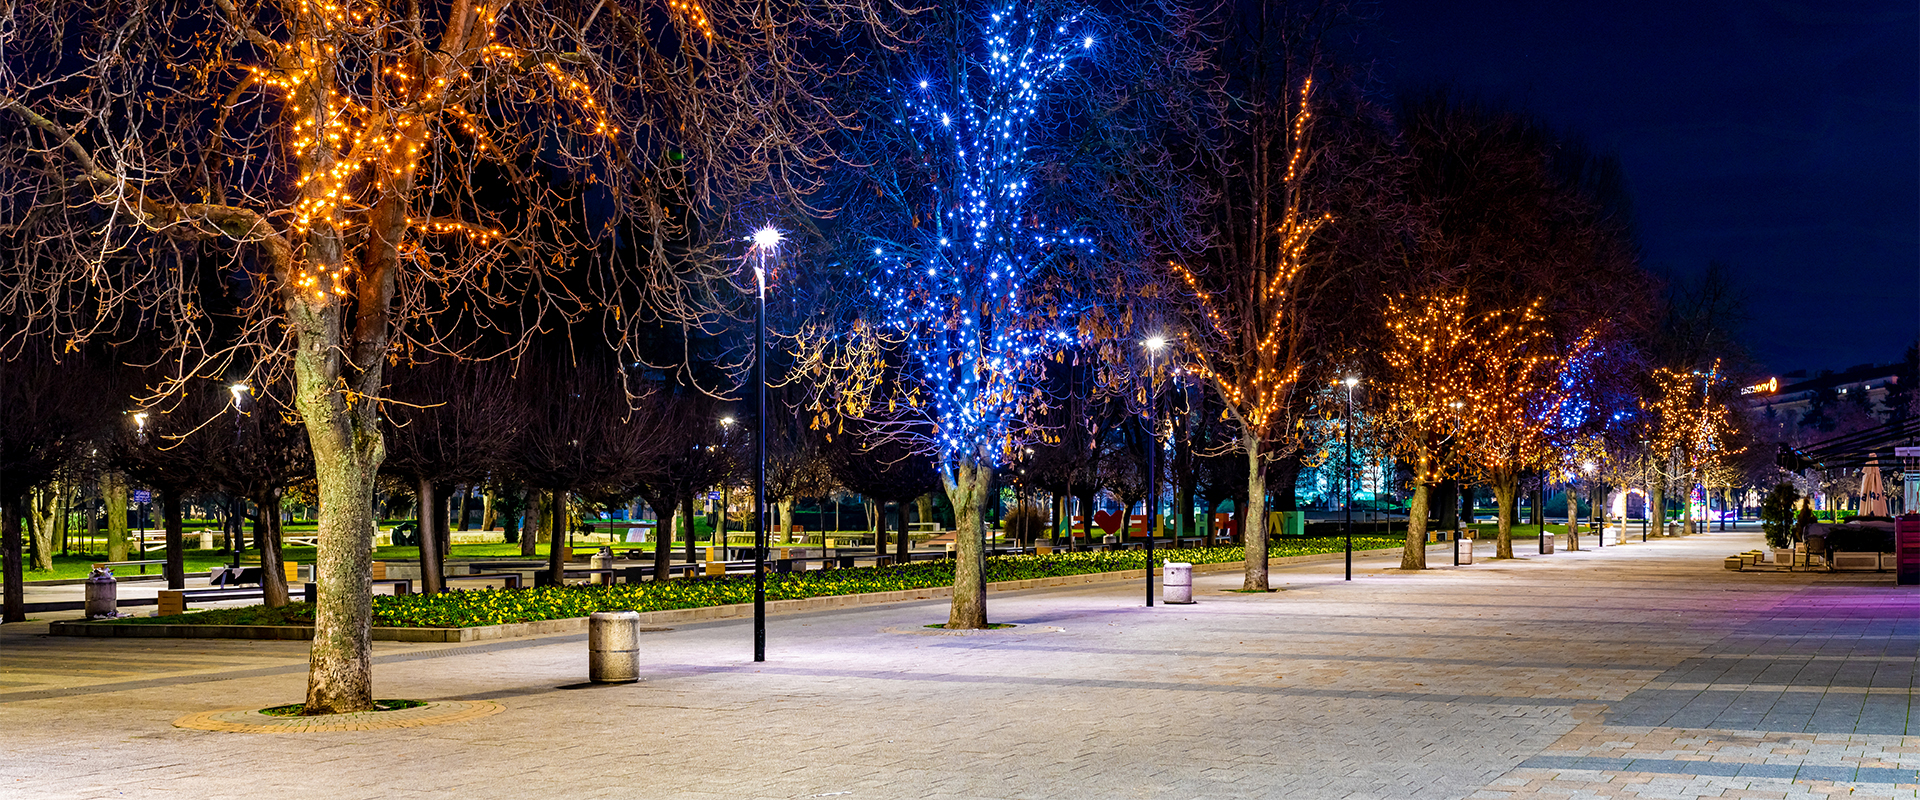 Lampione a LED per illuminazione pubblica